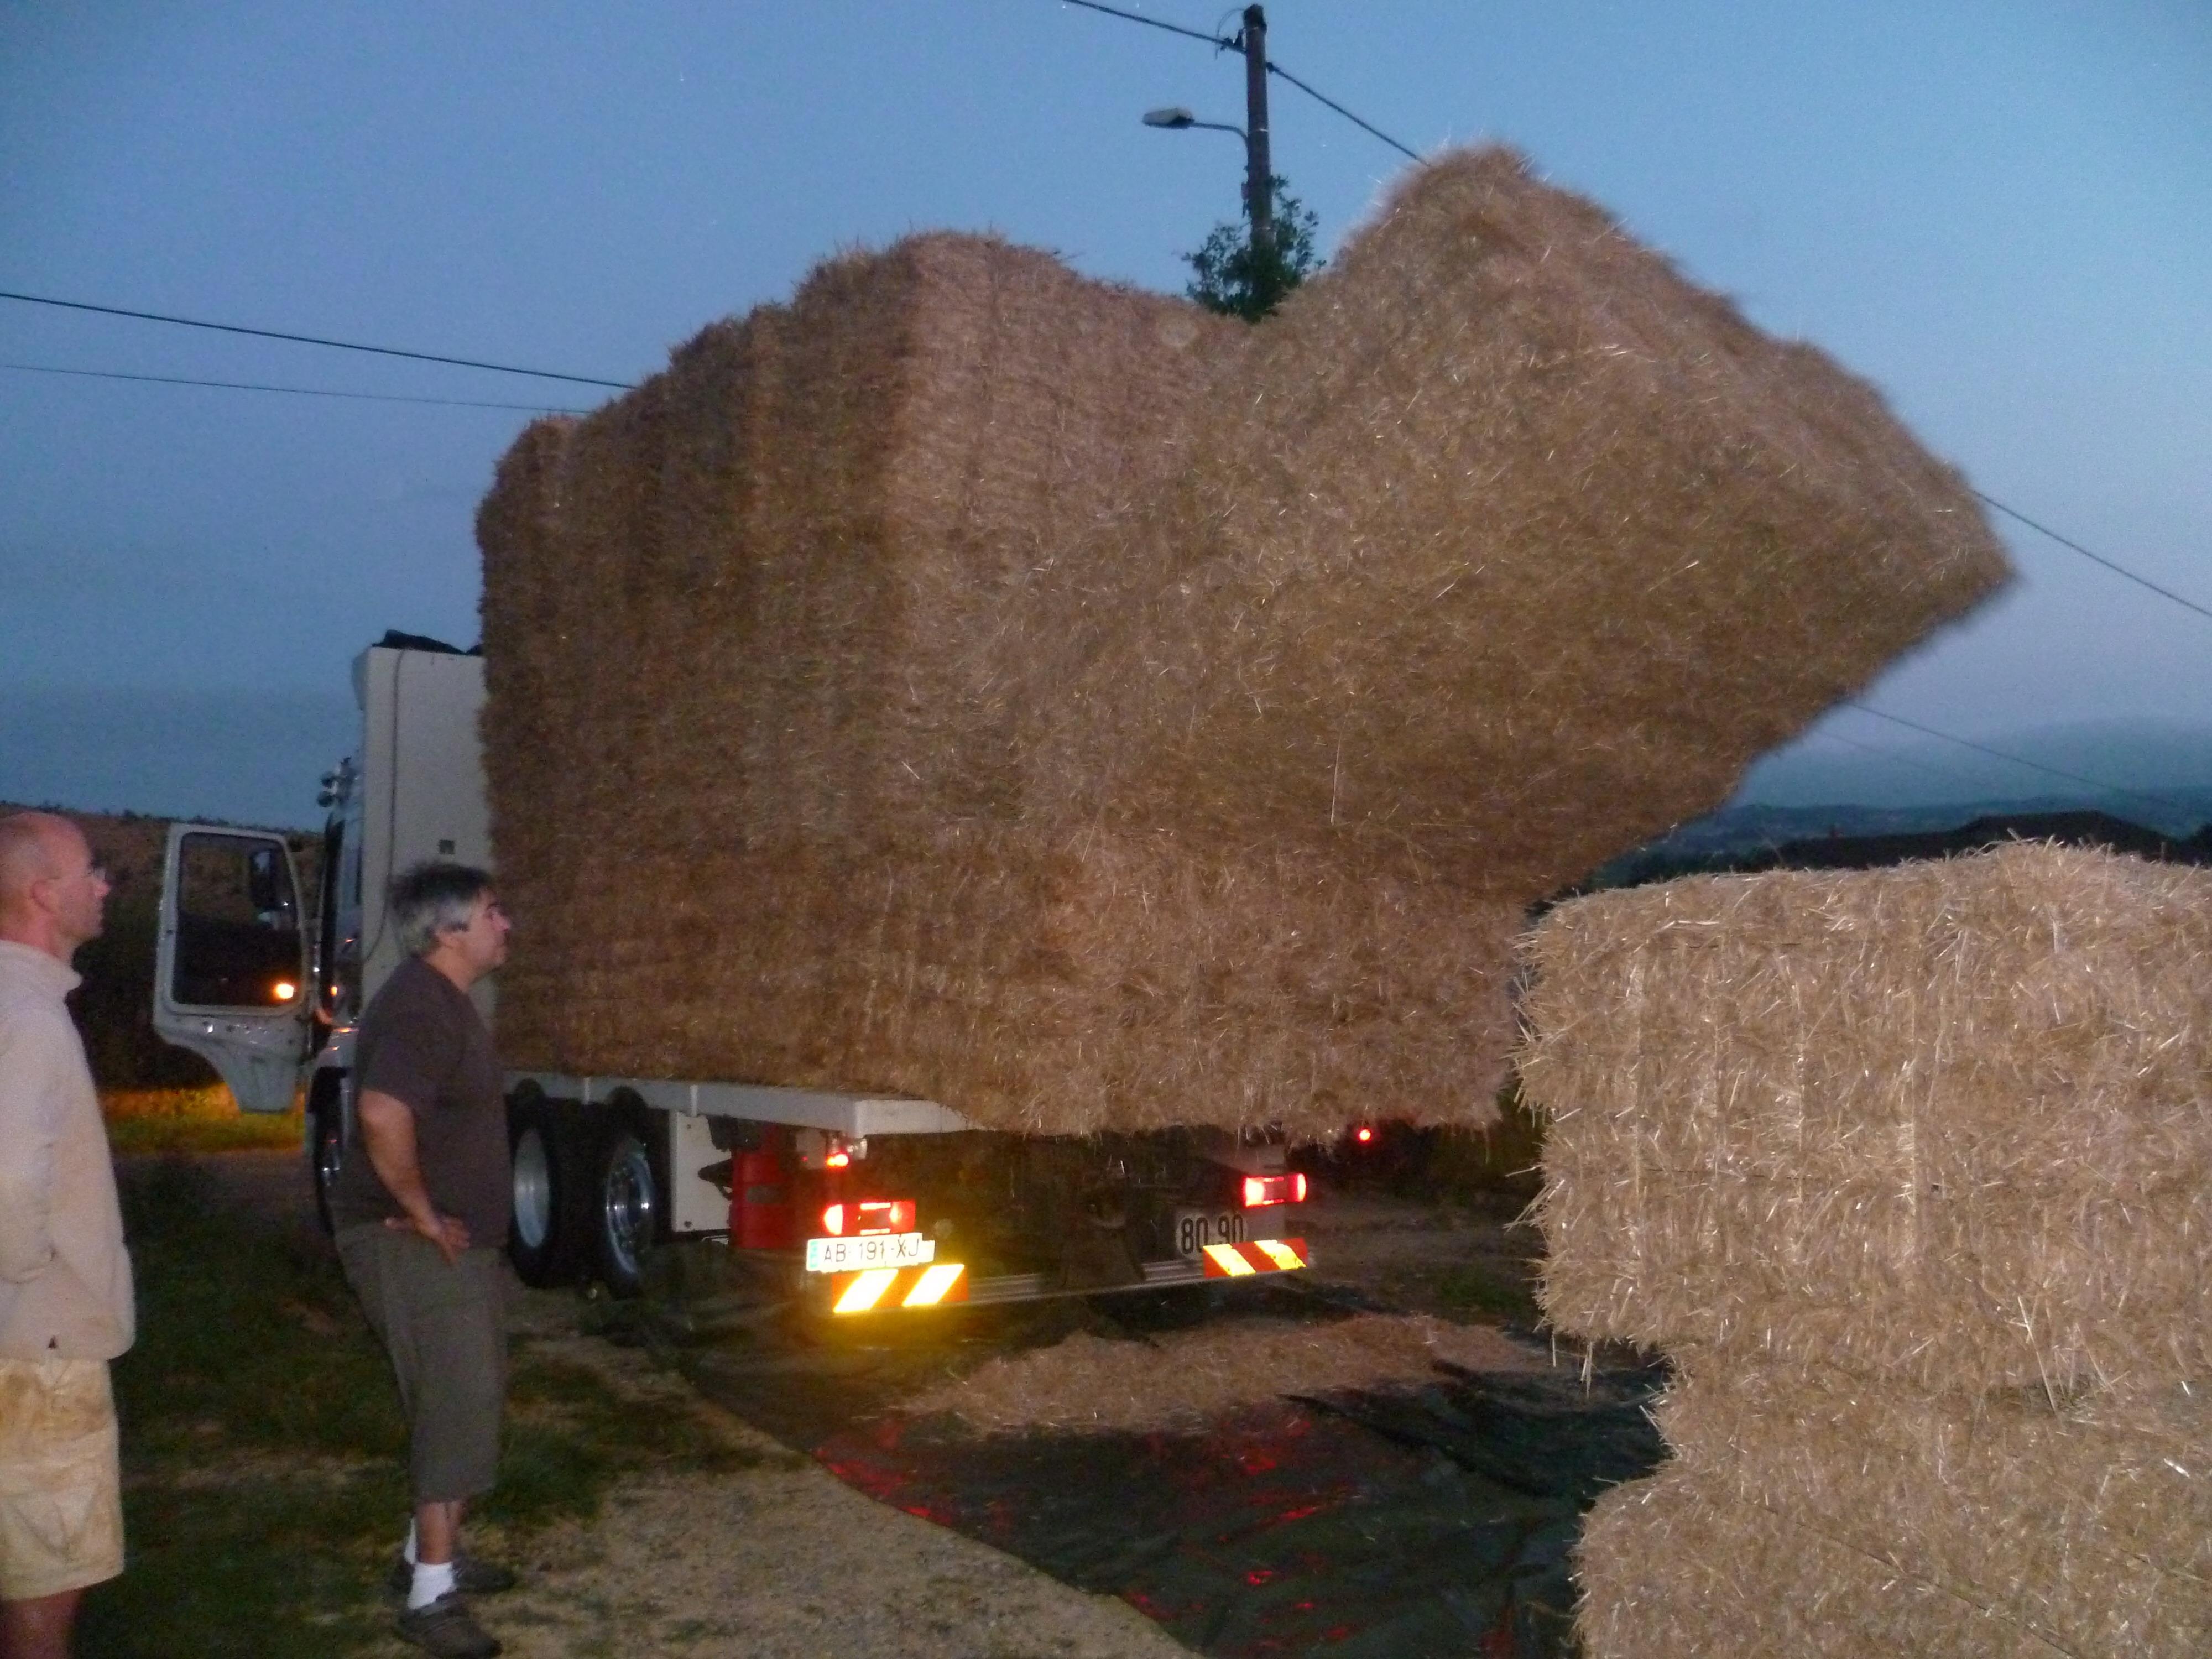 La paille 5h45 3 maison paille porteuse nebraska 2009 2019 - Maison en botte de paille ...